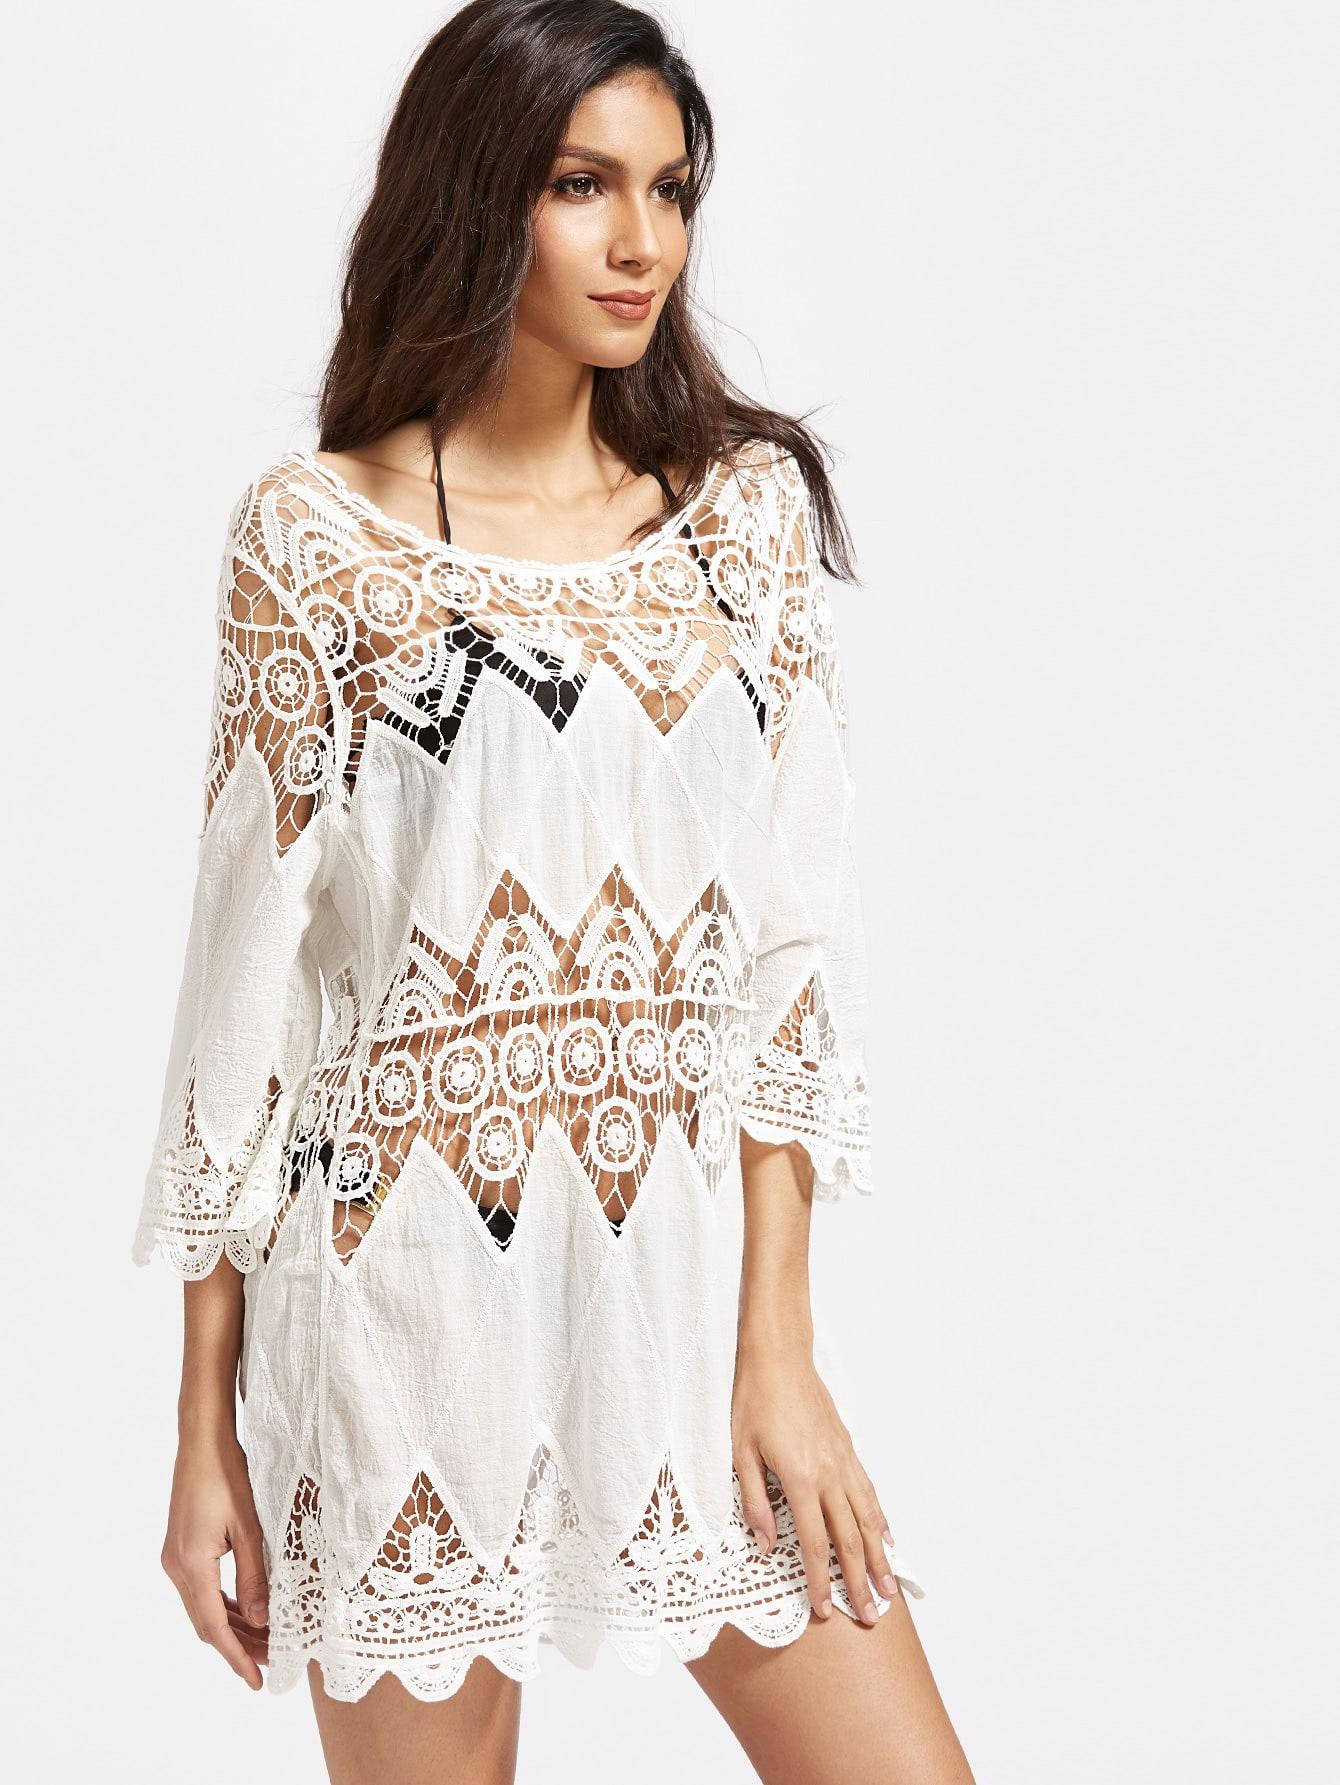 dress170307102_2